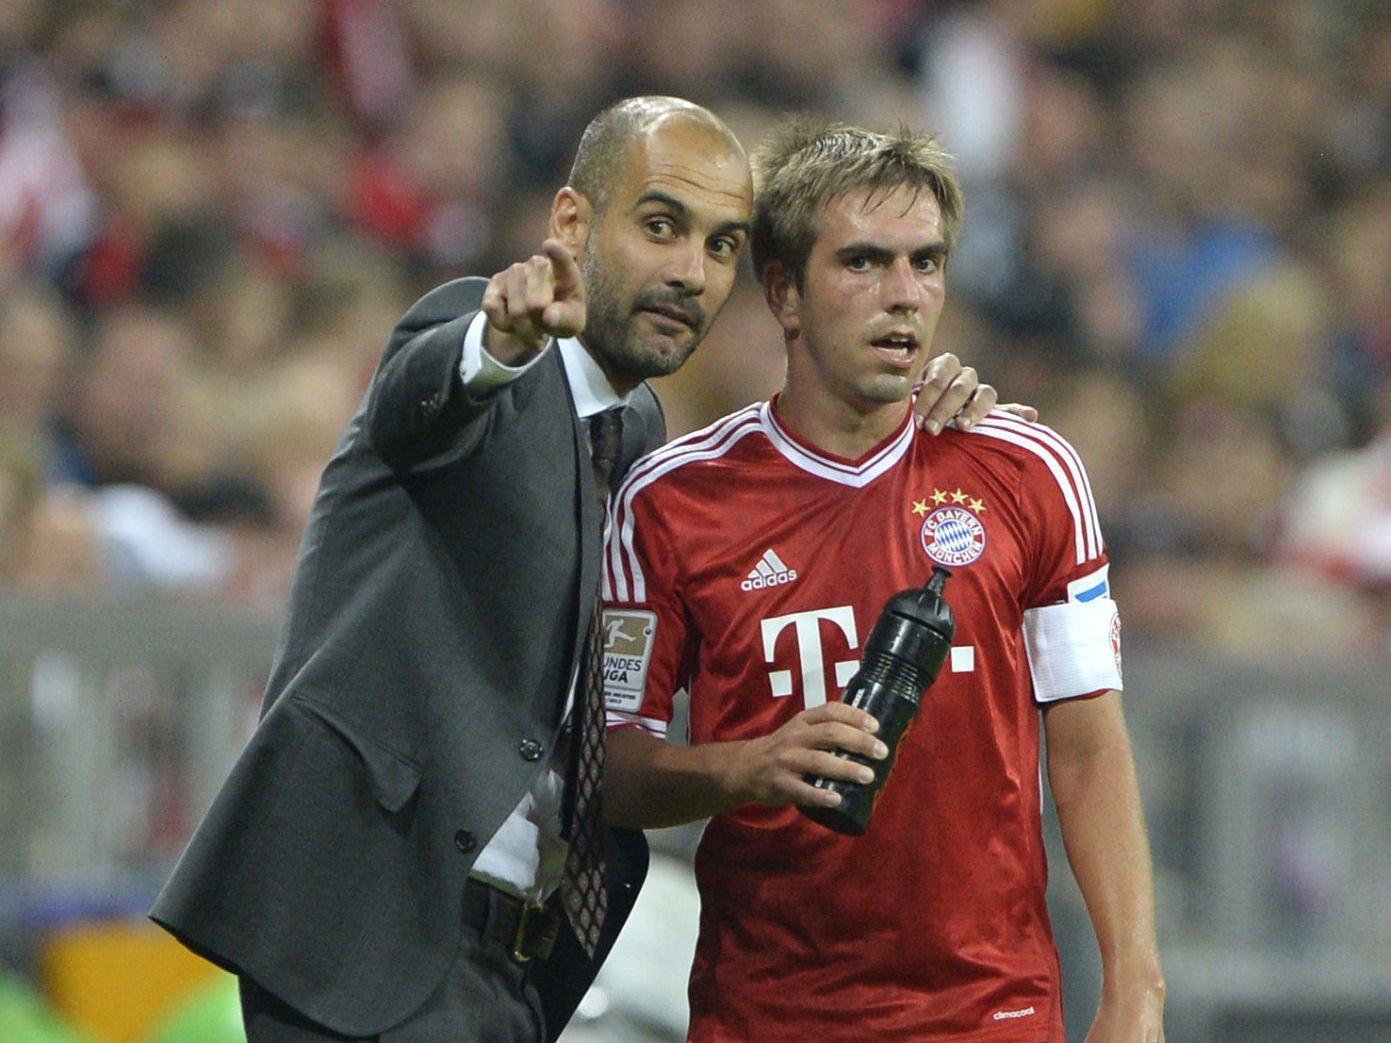 STØTTE: Philipp Lahm støtter Pep Guardiolas spillesystem.